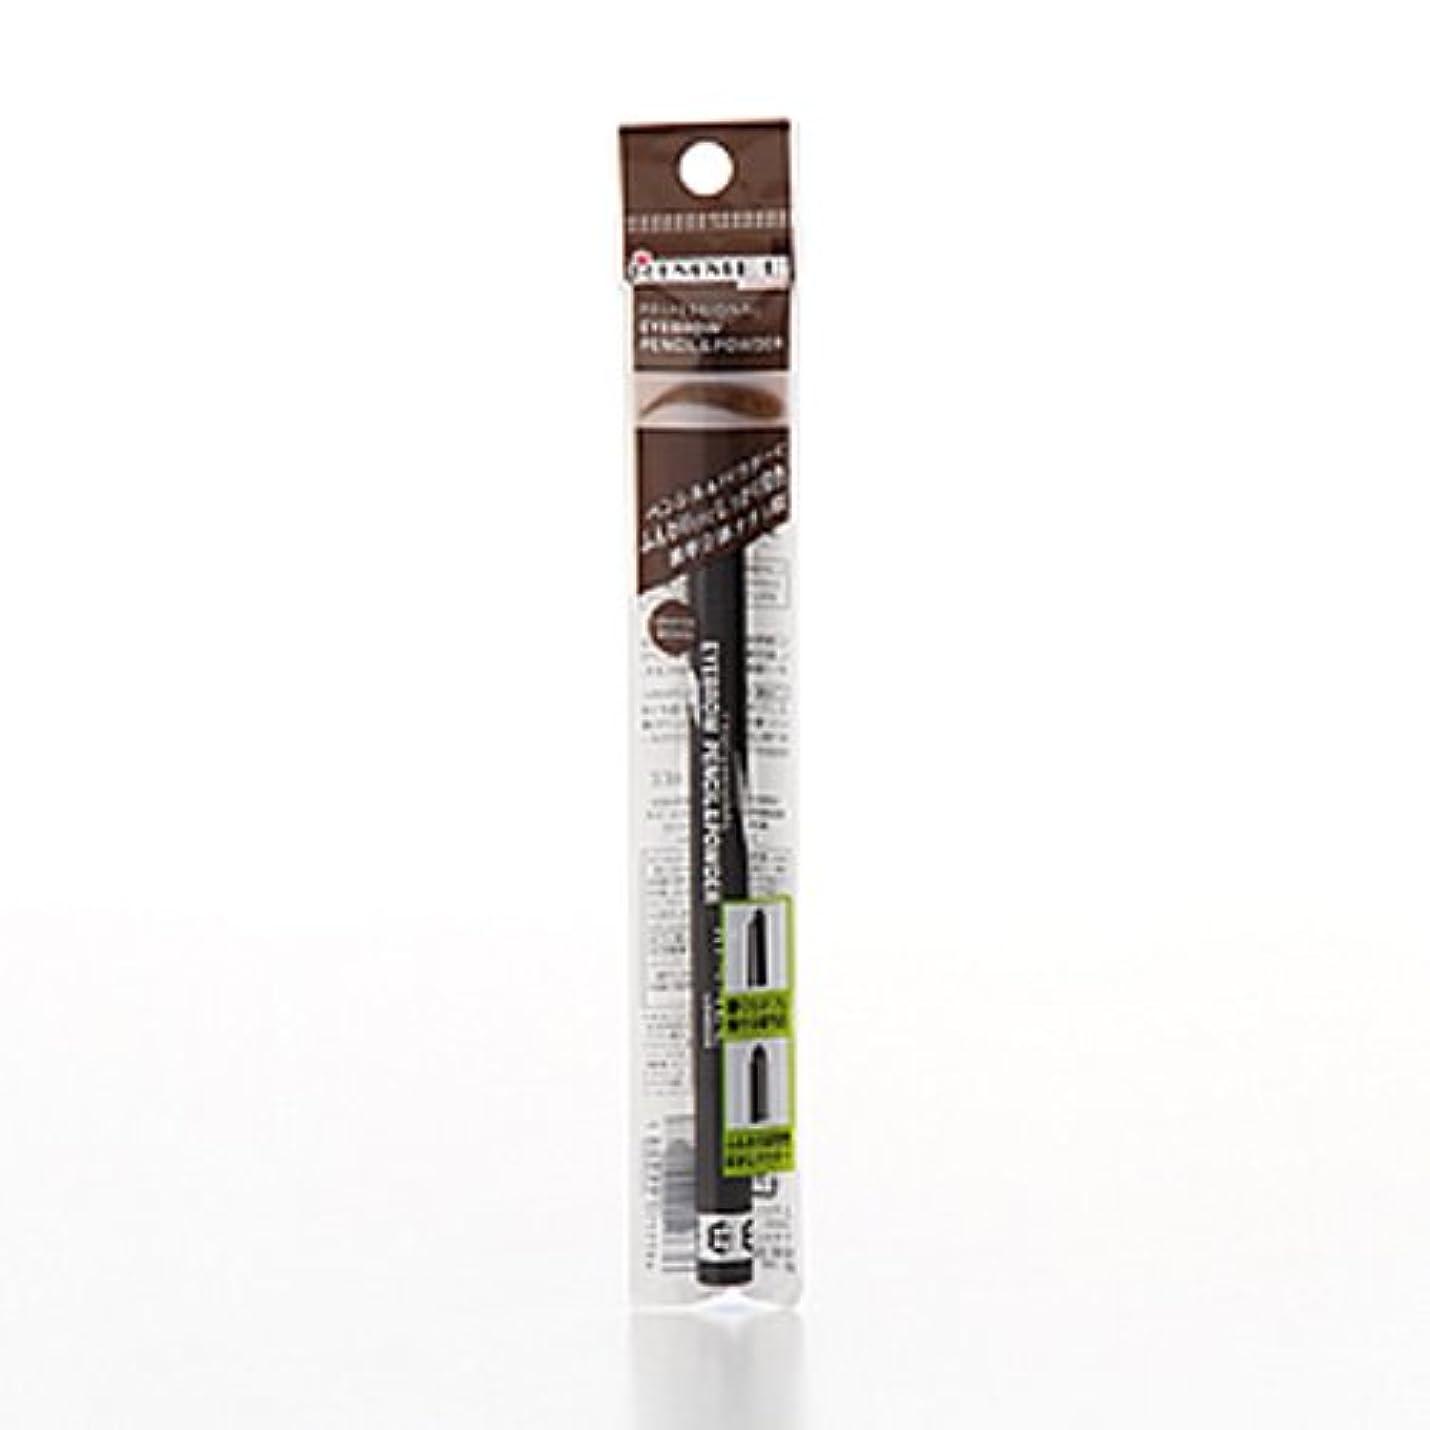 満足できるステーキ形状リンメル プロフェッショナル アイブロウ ペンシル&パウダー 003 グレイッシュブラウン 0.8g